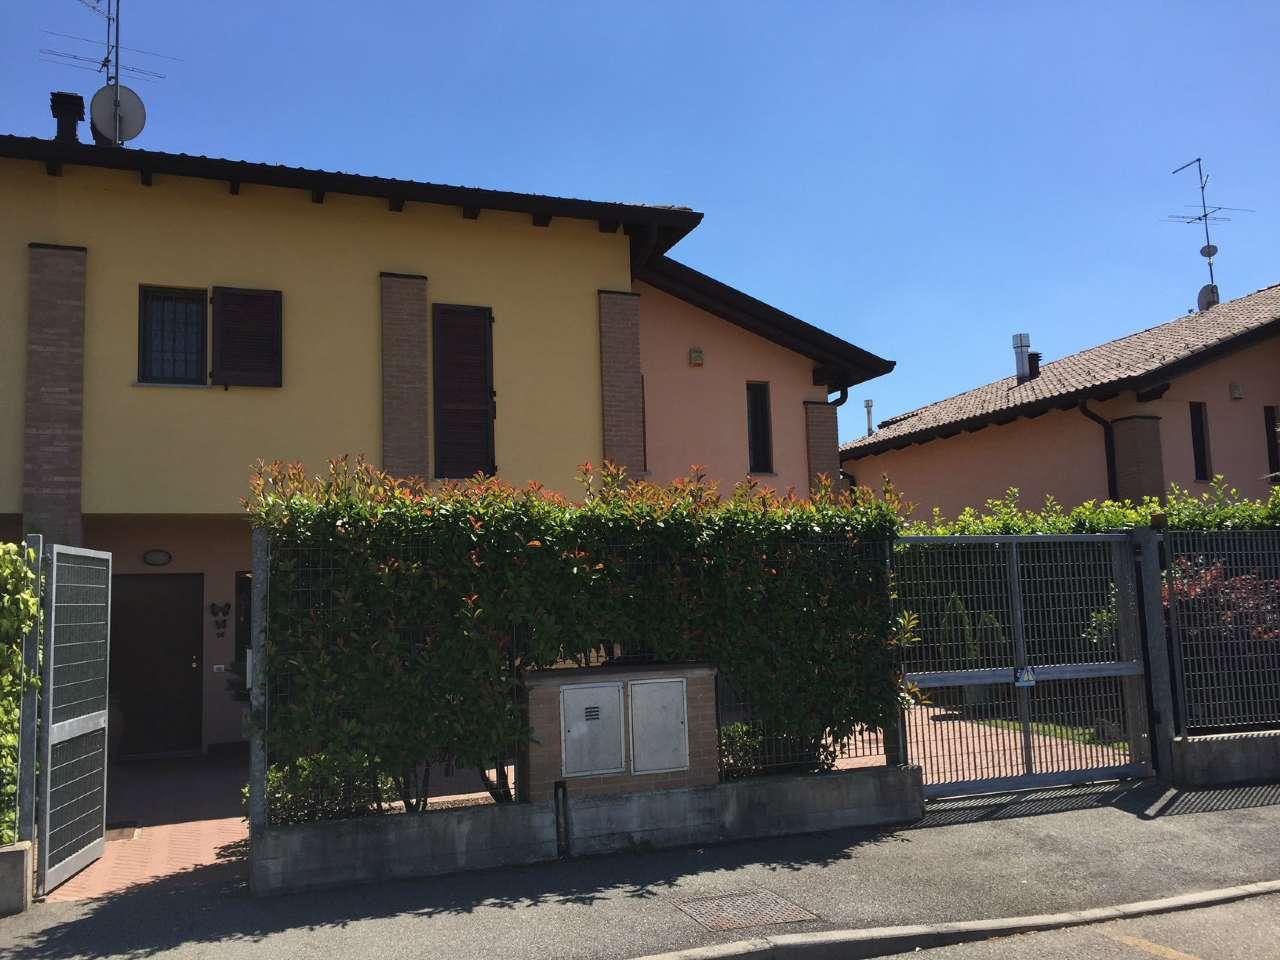 Villa Bifamiliare in vendita a Lacchiarella, 4 locali, prezzo € 325.000 | CambioCasa.it